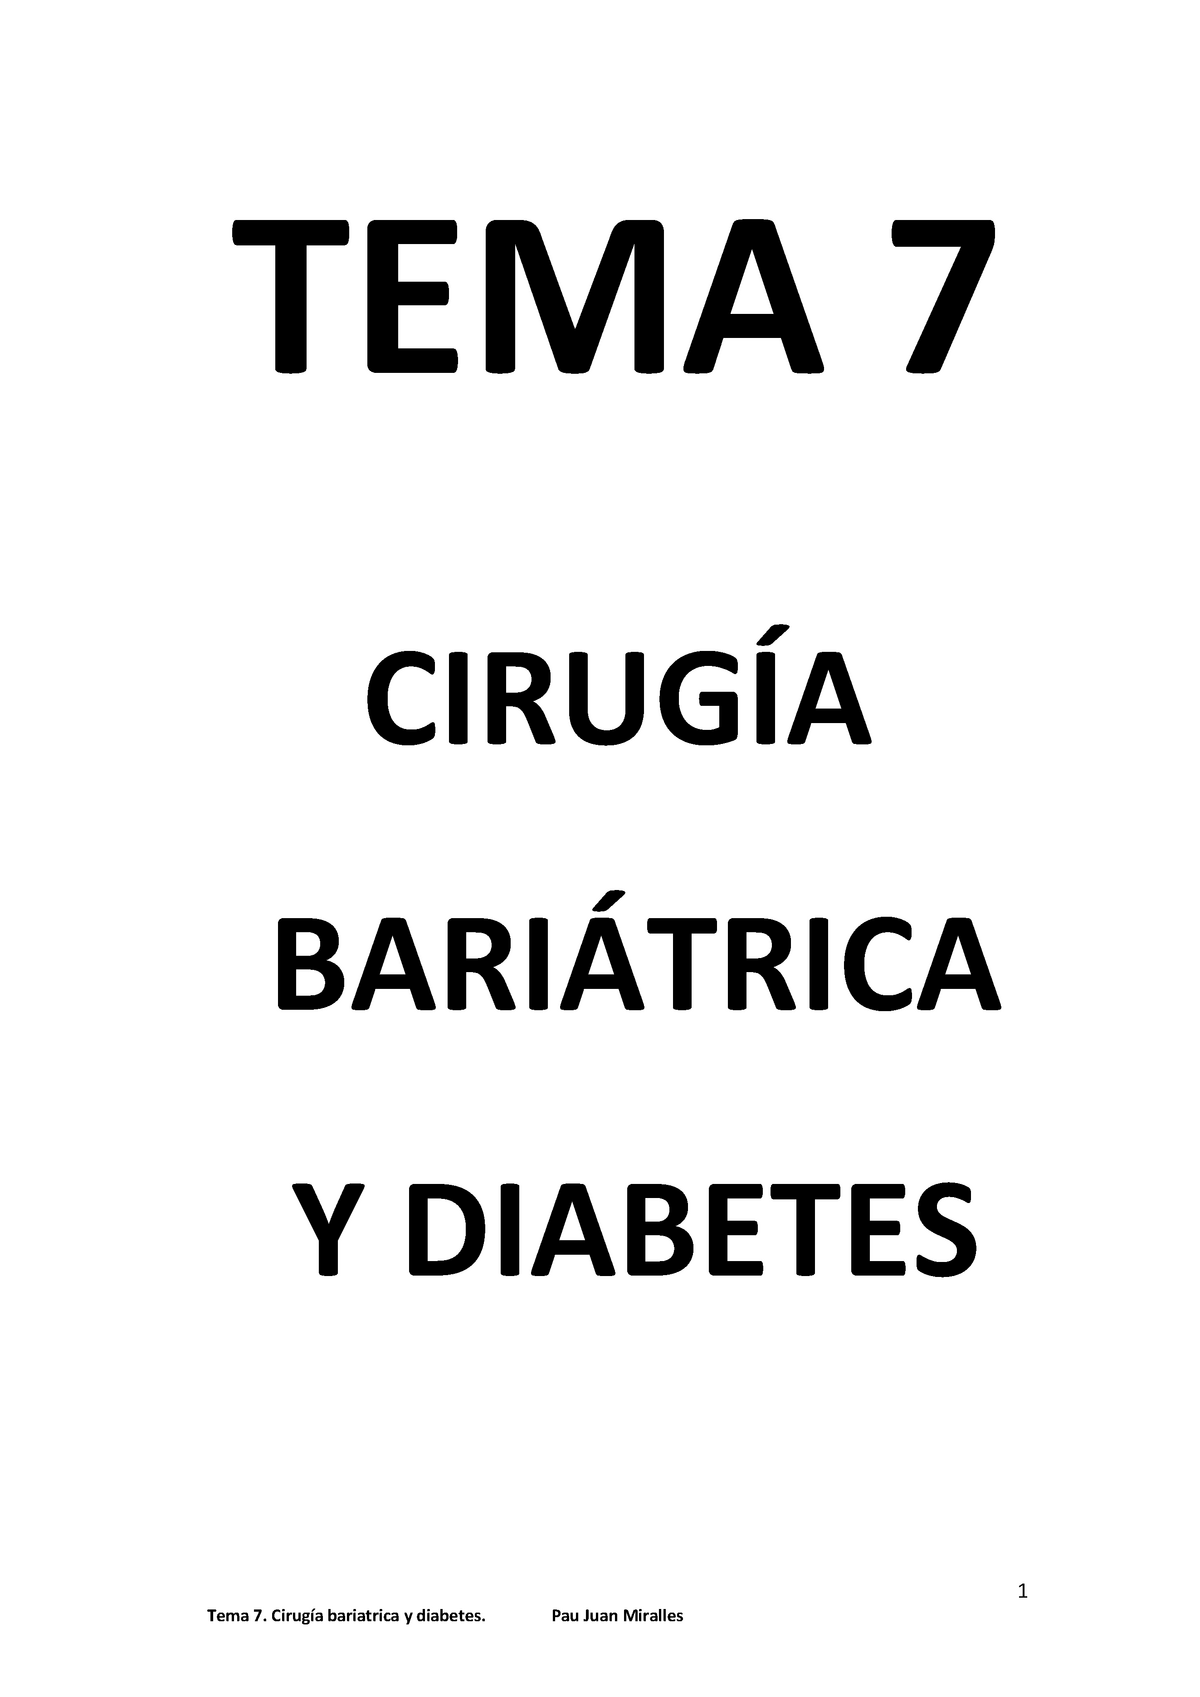 endobarrier complicaciones de diabetes